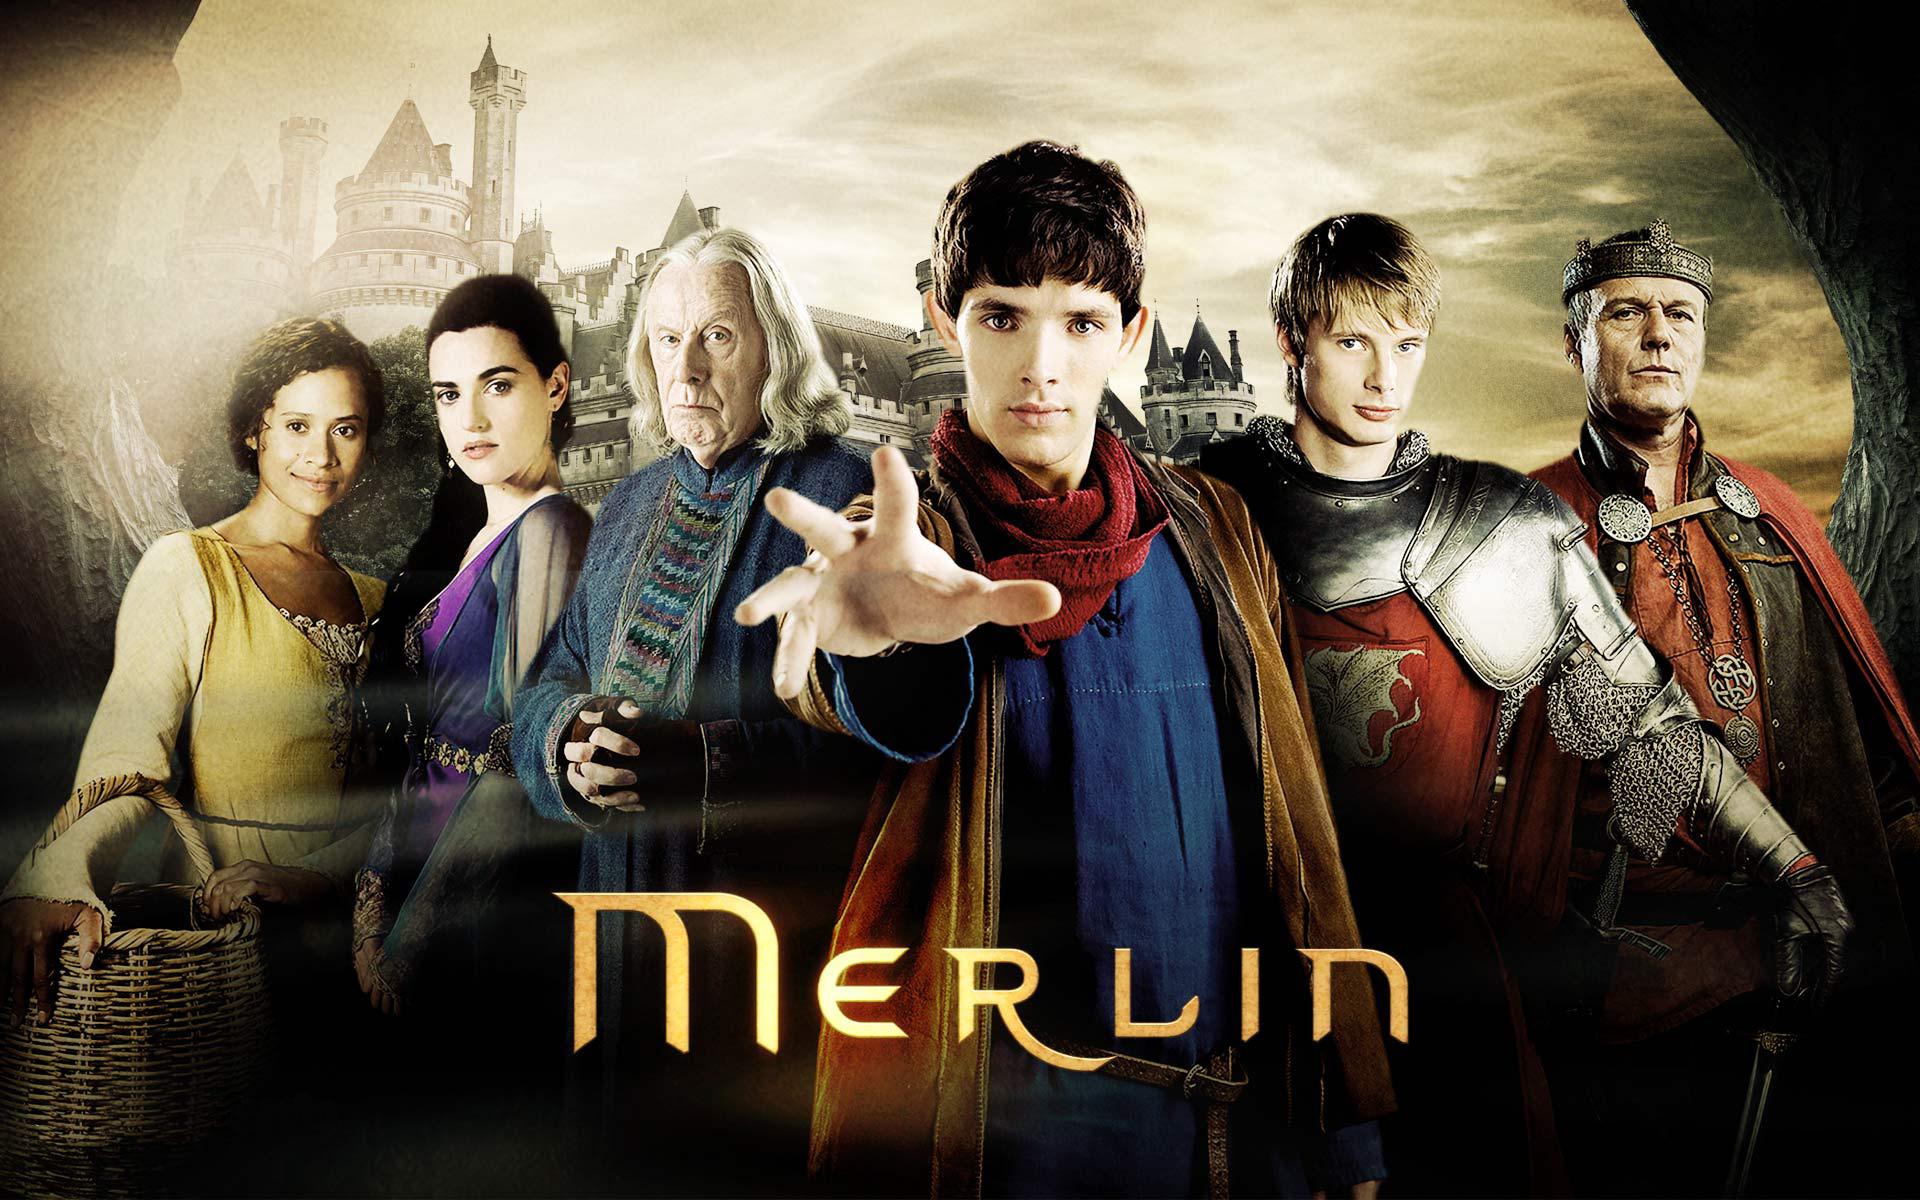 SUMMER TOTOSHARE GIOVEDÌ 28 AGOSTO 2014 Bubino consiglia: Merlin, su Italia1 la terza stagione (mercoledì in prima serata, giovedì in seconda). Una bella serie, trattata malissimo da Italia1.